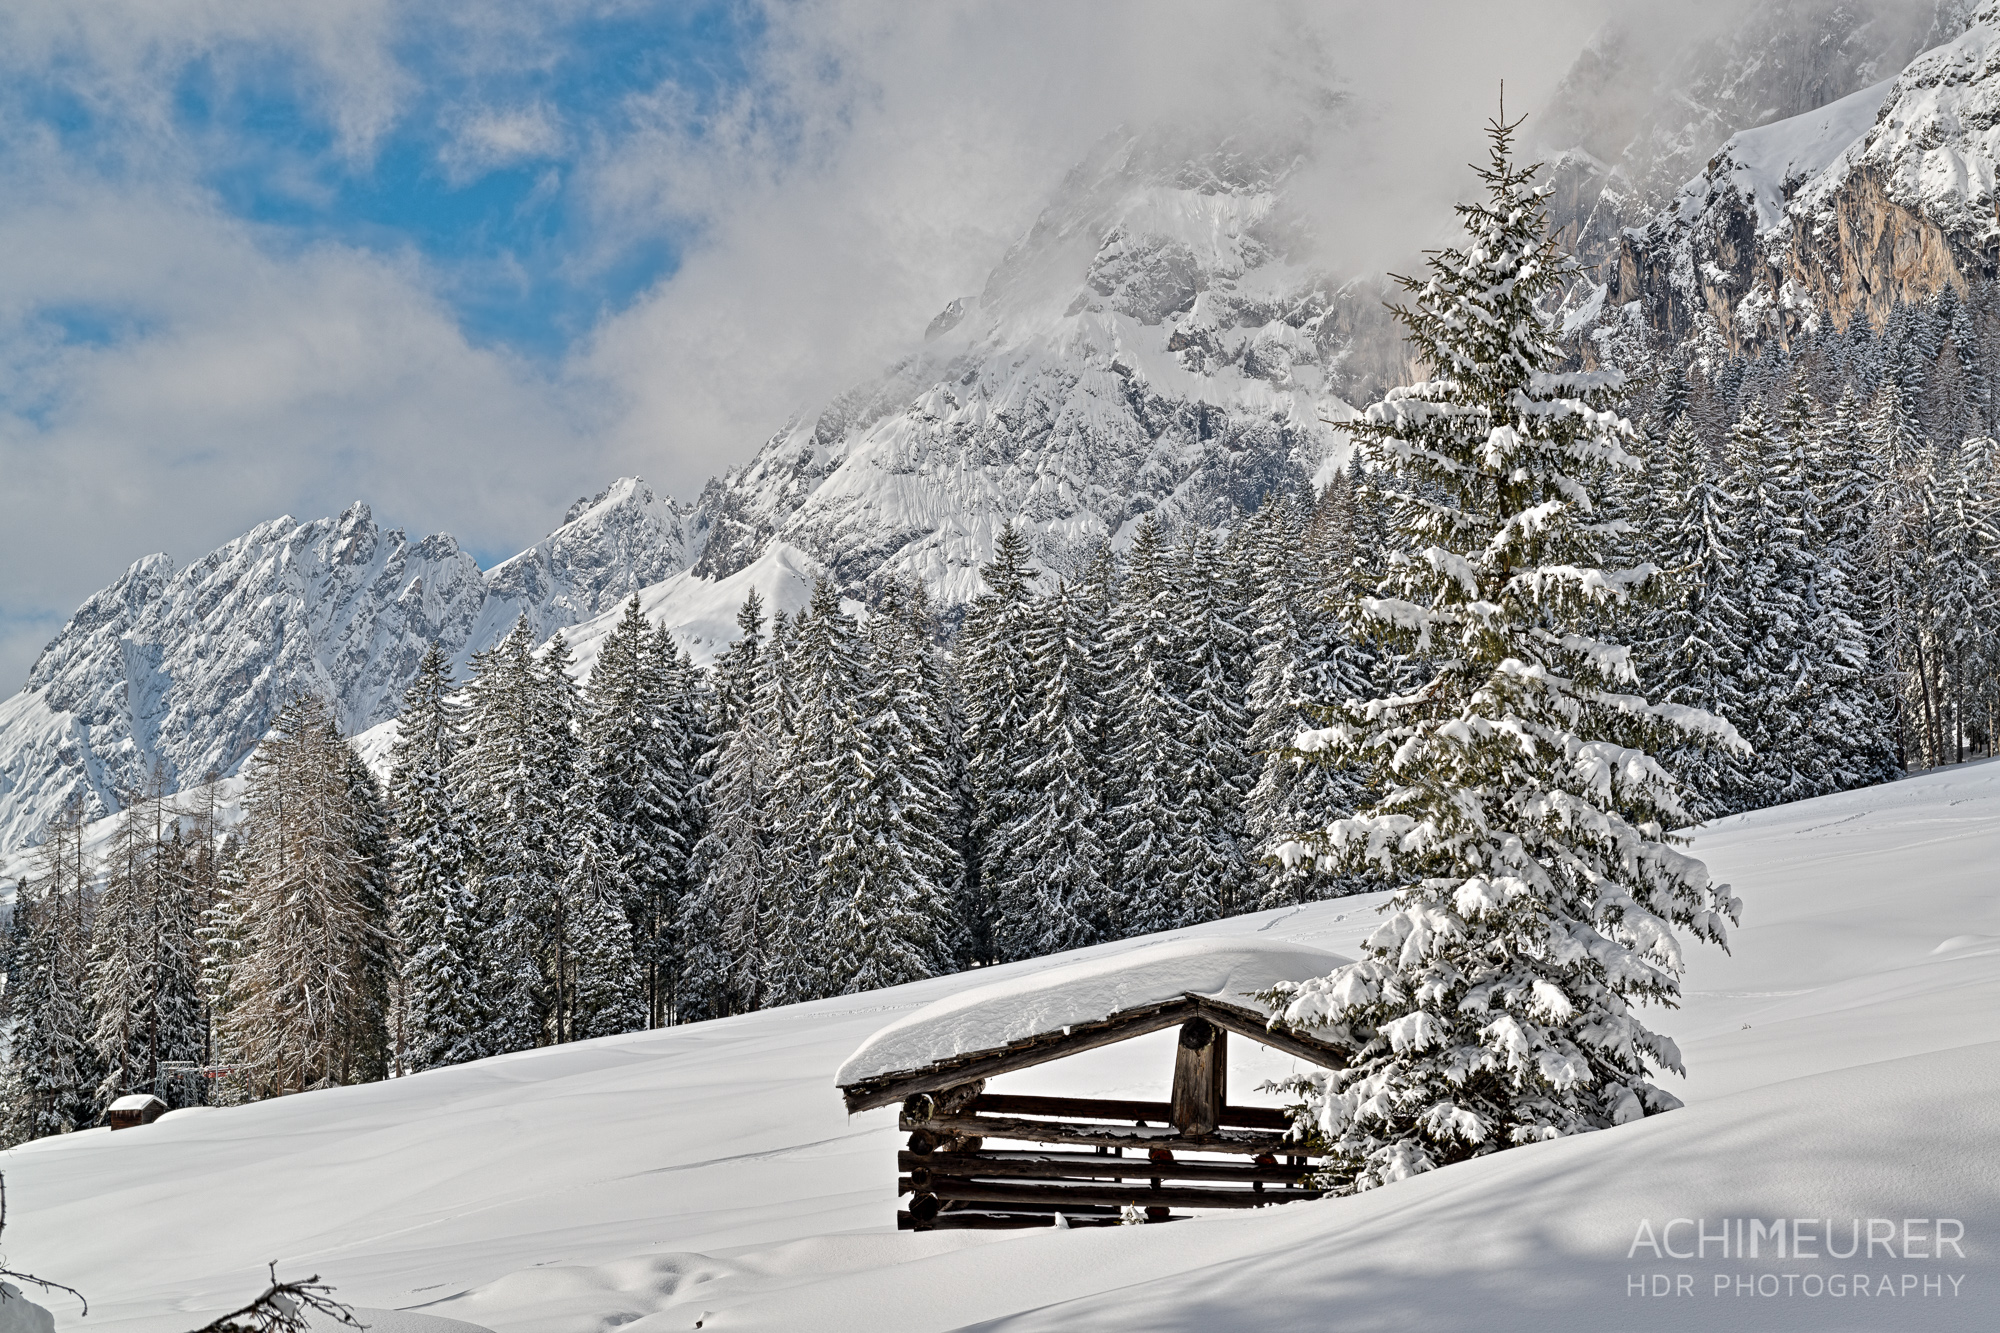 Die-schoensten-Winterfotos-Winterlandschaft-30 by Achim Meurer.